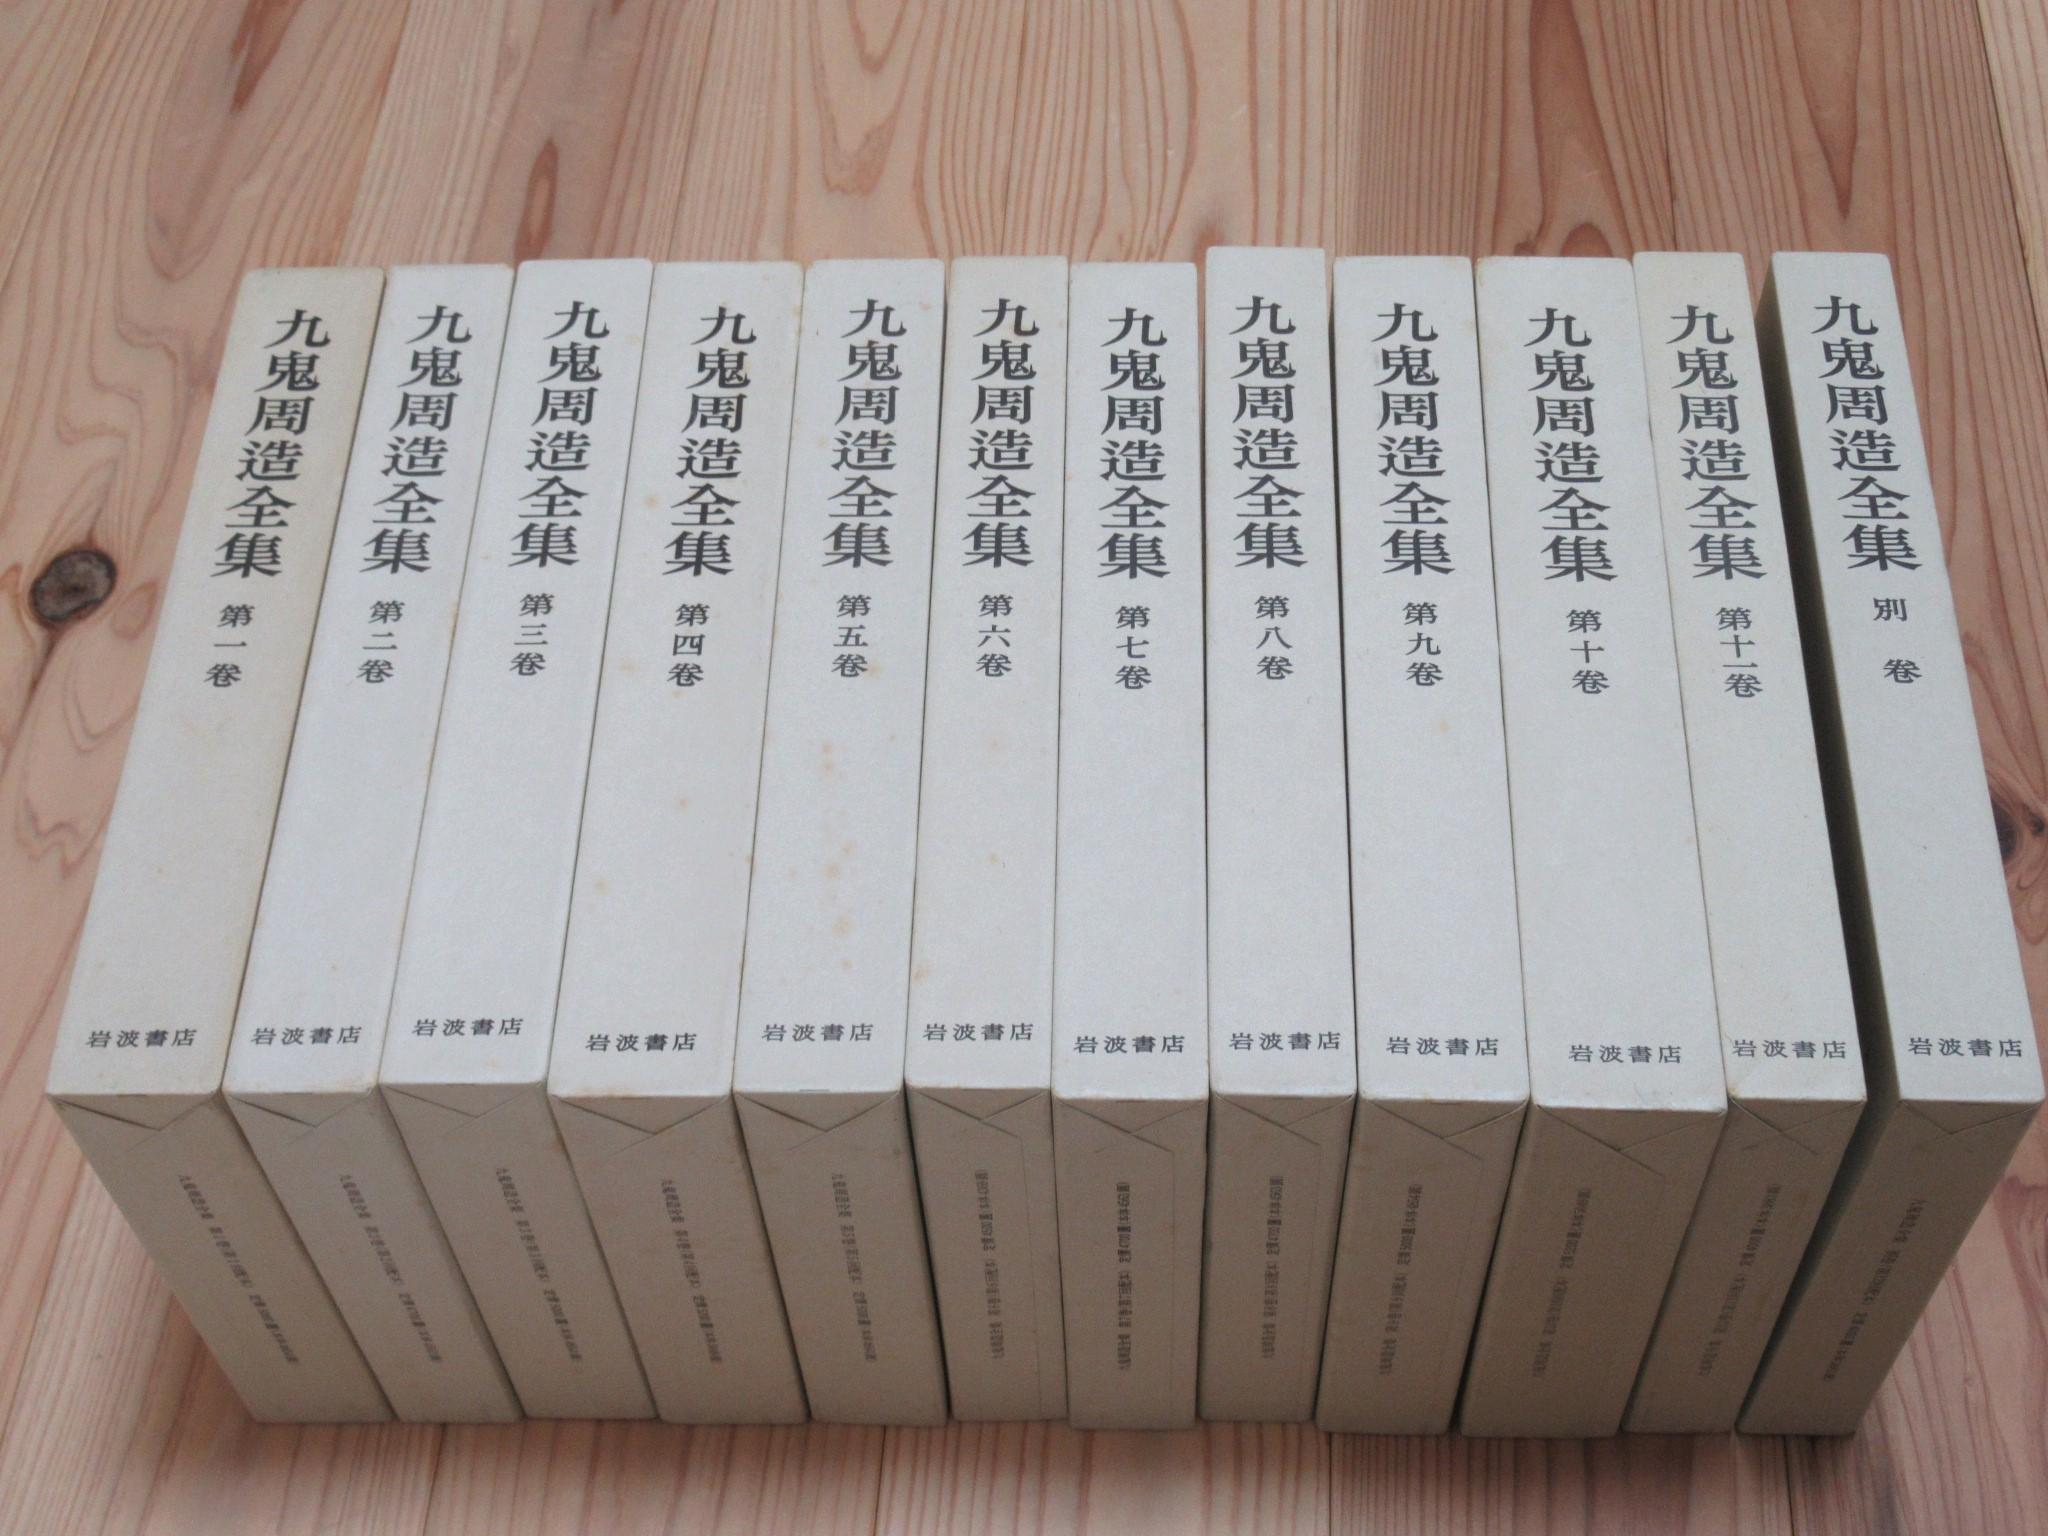 九鬼周造全集 全12巻揃